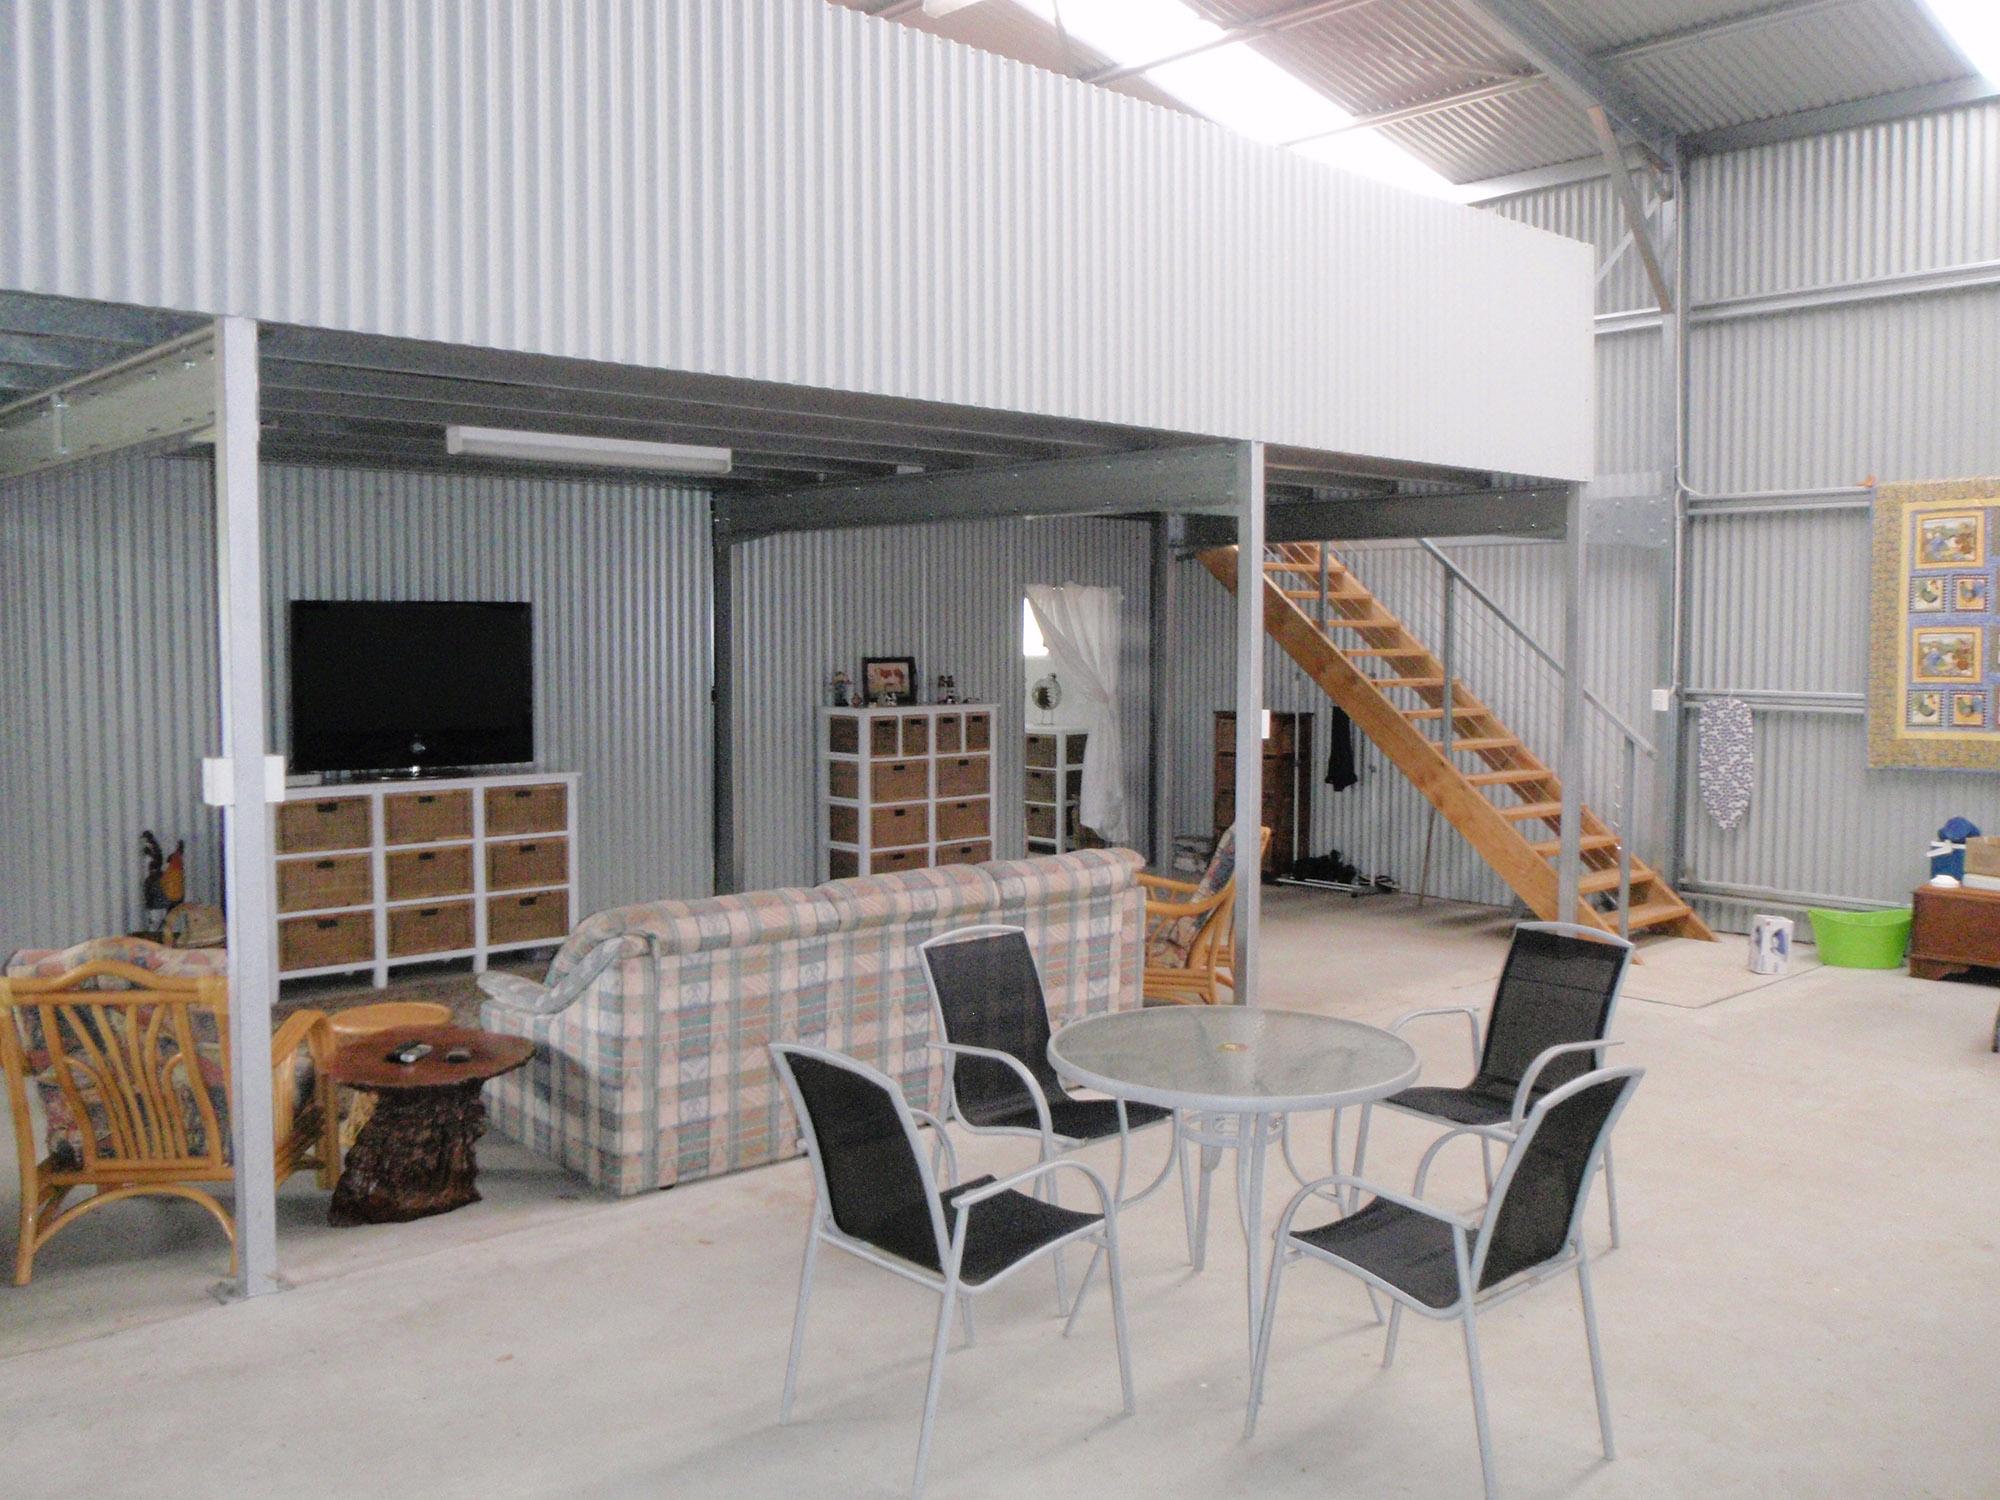 Bunbury_Donnybrook_steel_frame_barn_house.jpg